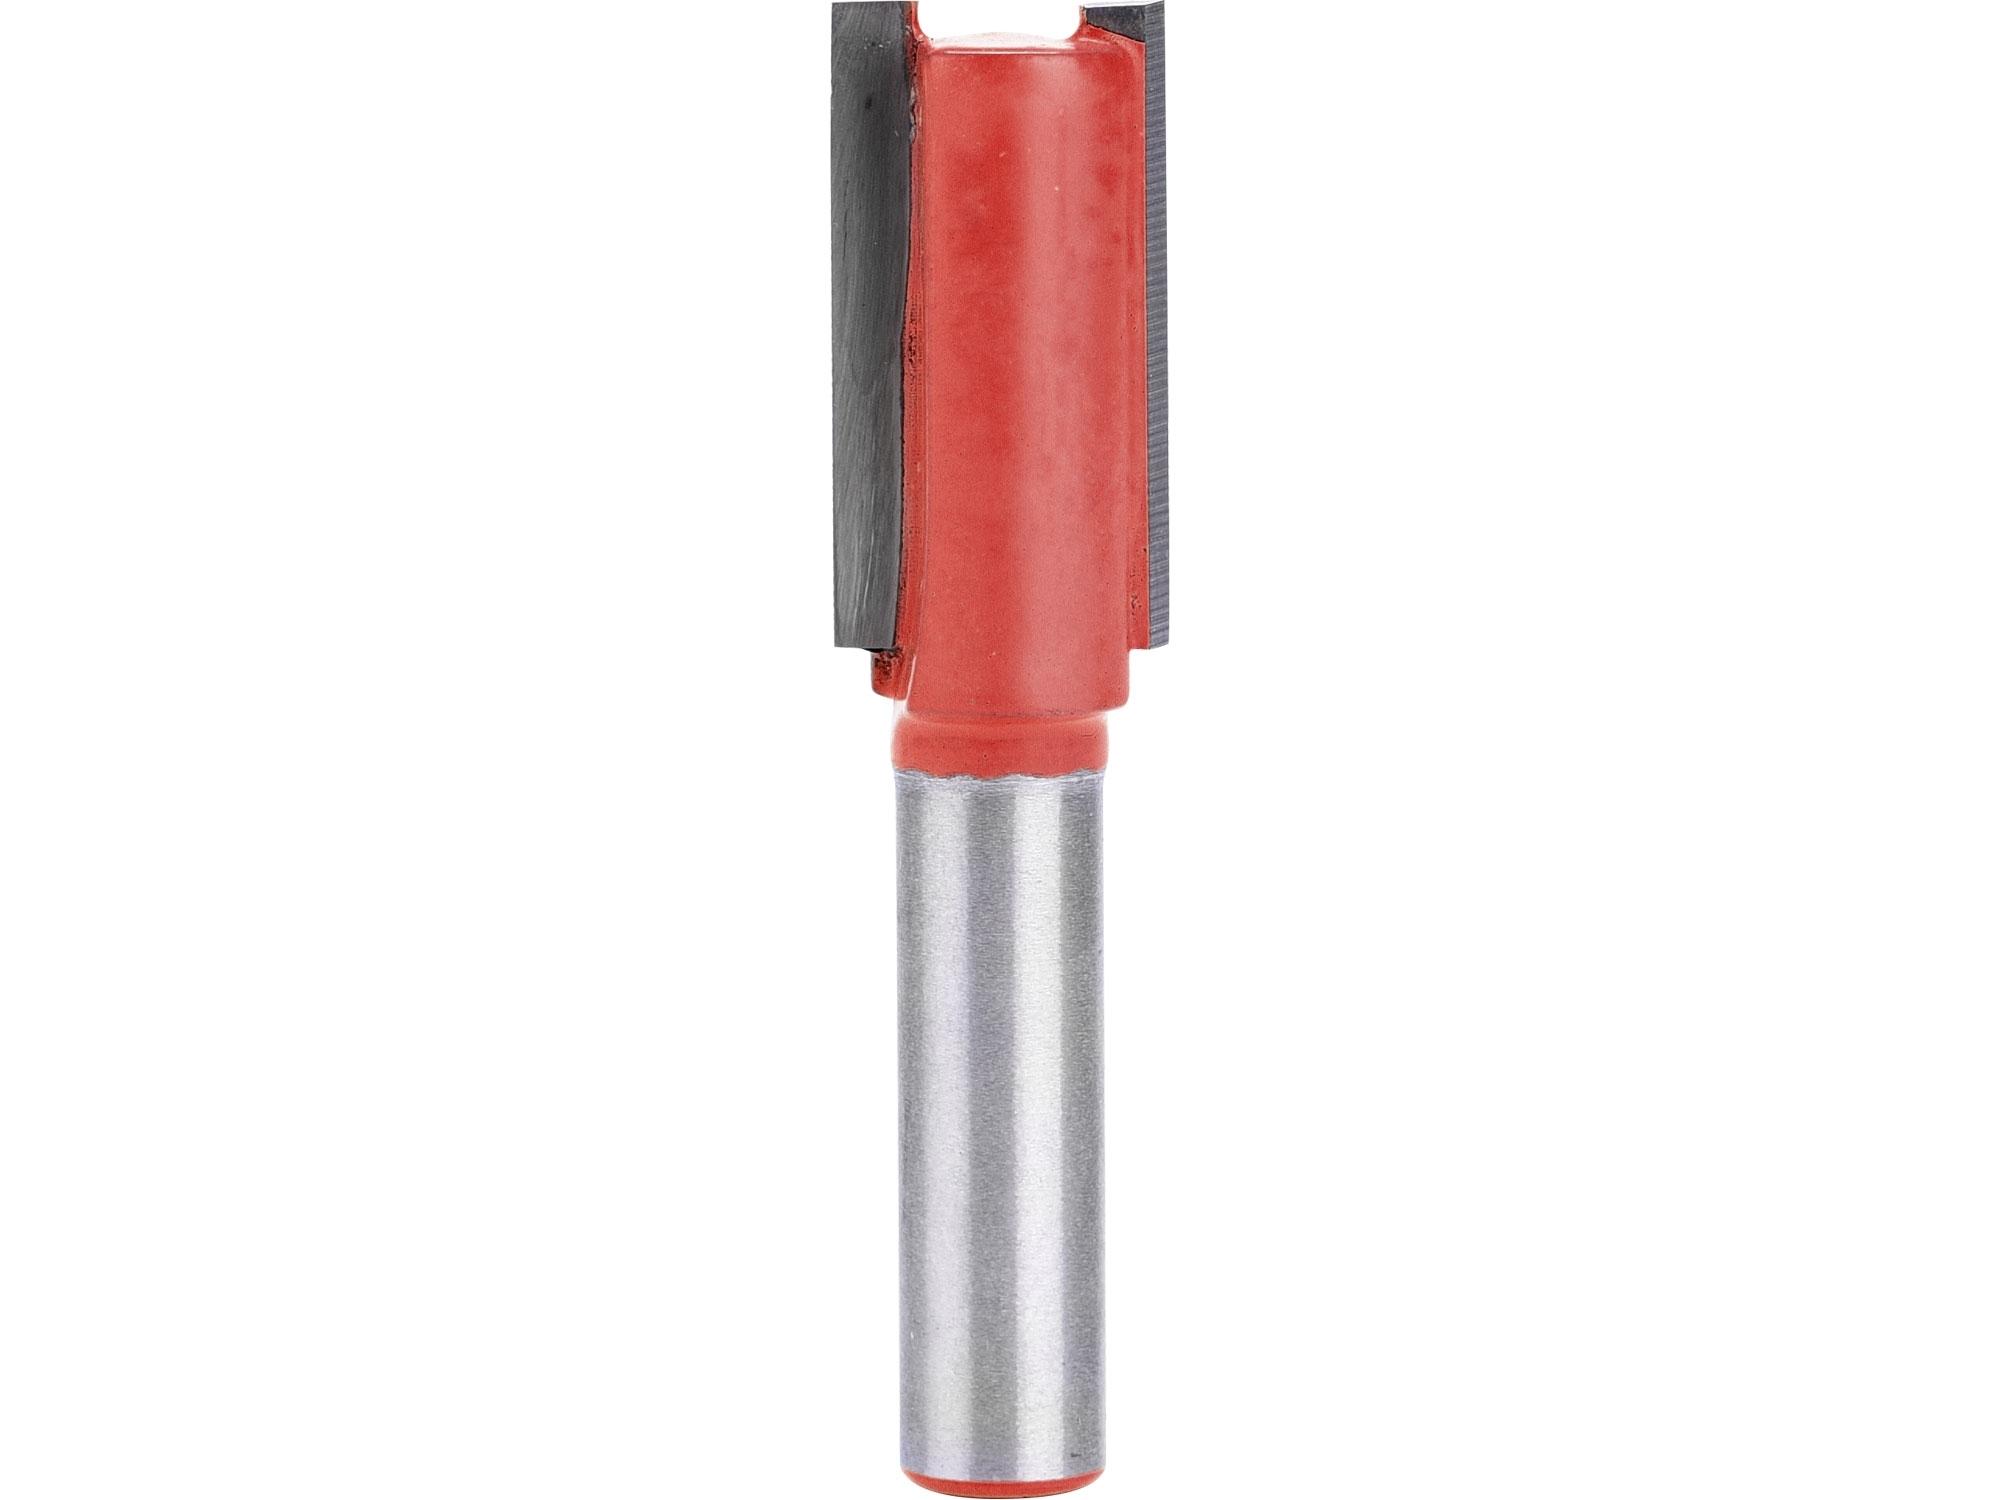 fréza drážkovací do dřeva, D6,3xH25, stopka 8mm